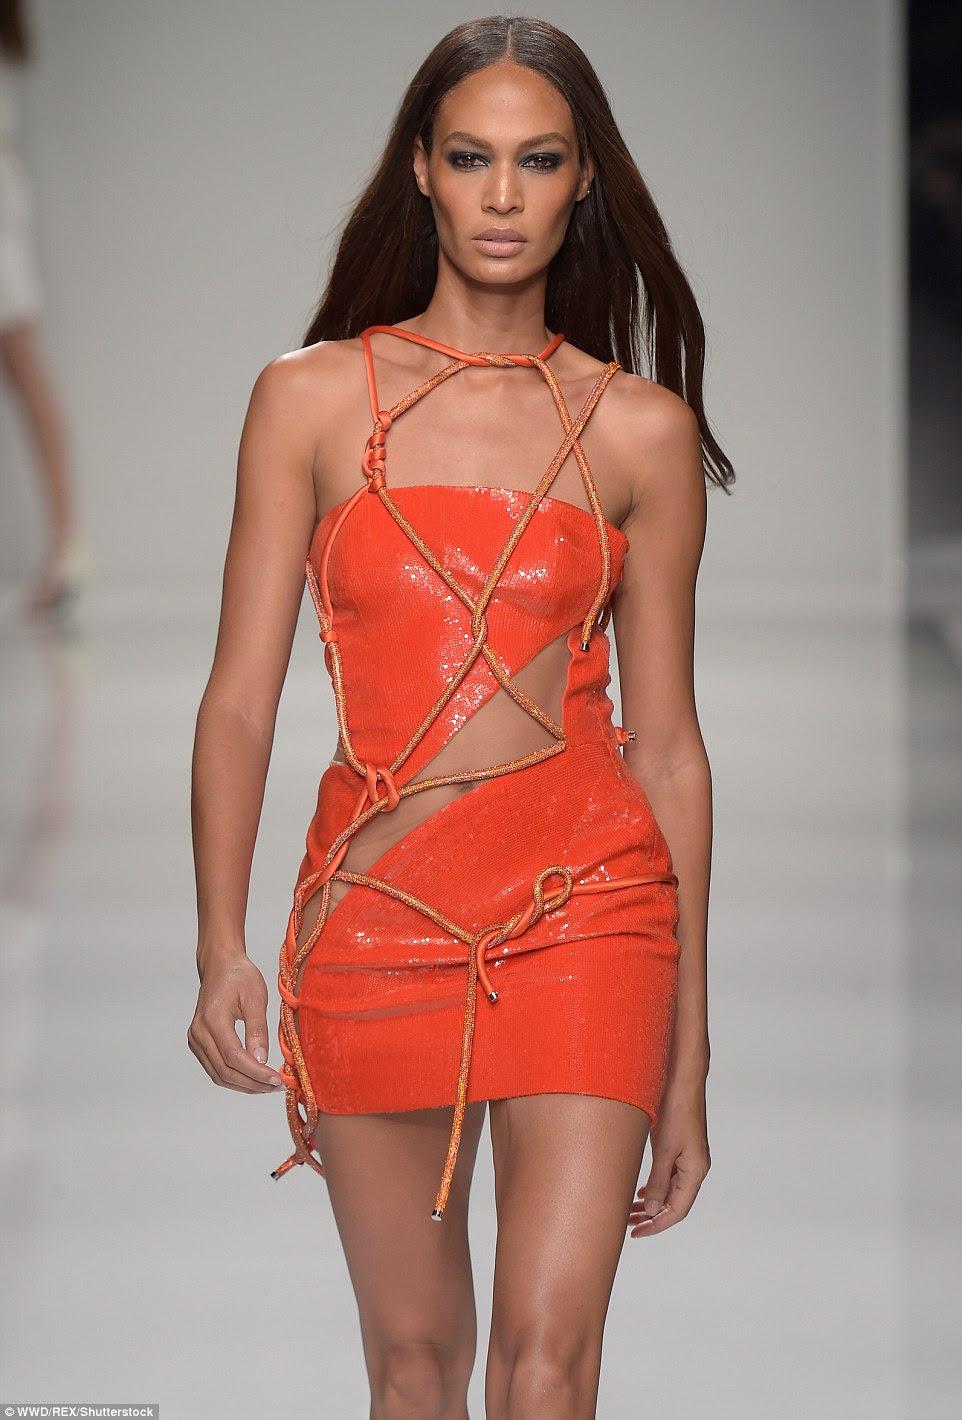 Fruity: Joan Smalls foi um sonho como ela andou na pista neste mini vestido tangerina no show Versace na Paris Fashion Week, no domingo